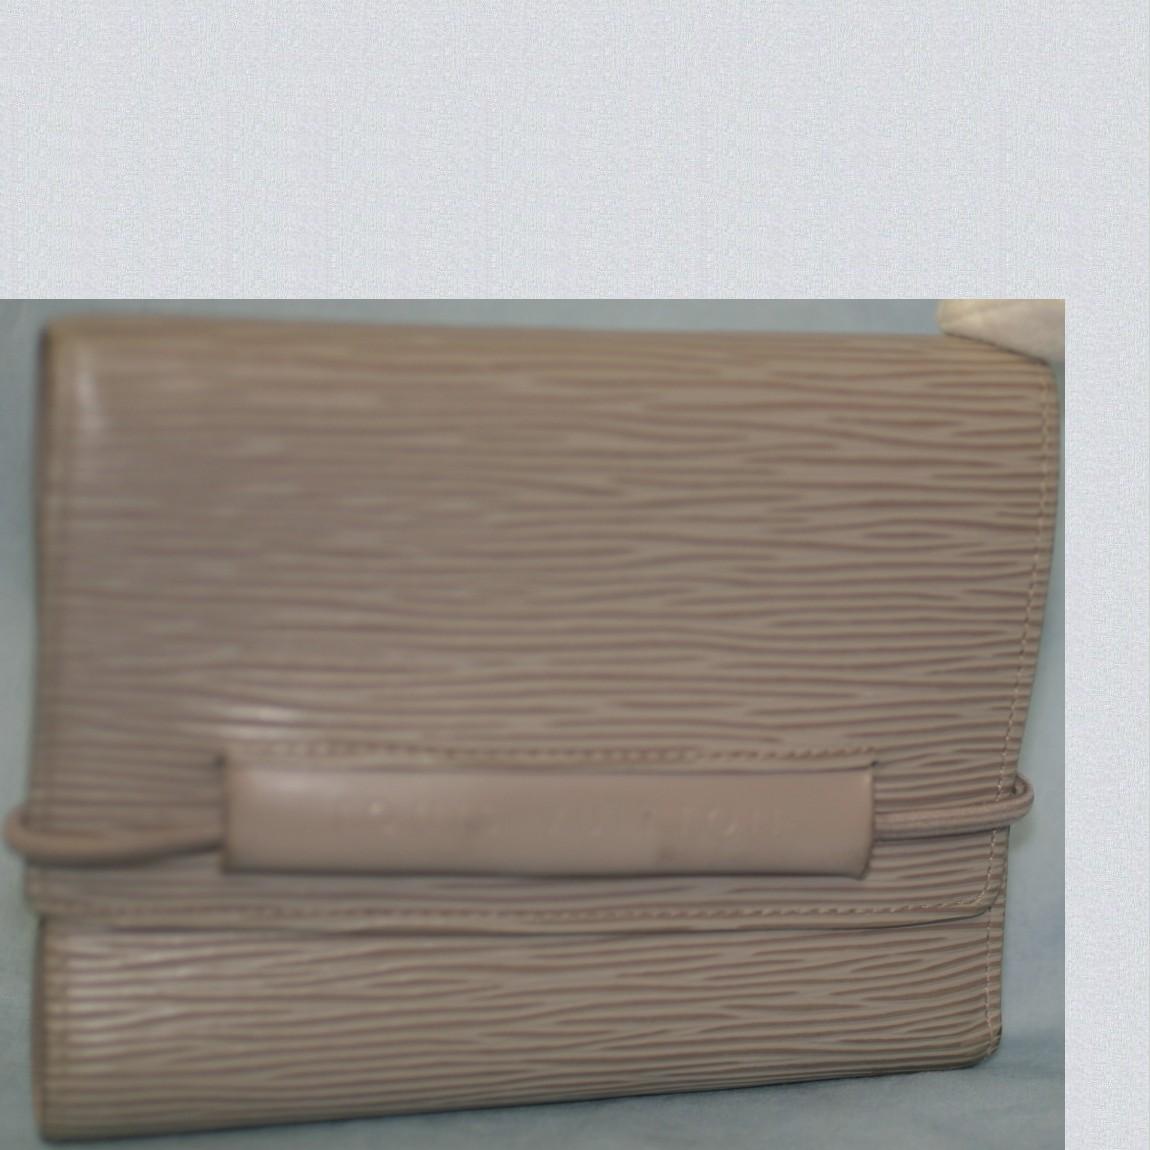 【中古】本物綺麗L/V女性用エピのパース,エラスティックライラックM6346Bゴム式3つ折小ぶりの財布